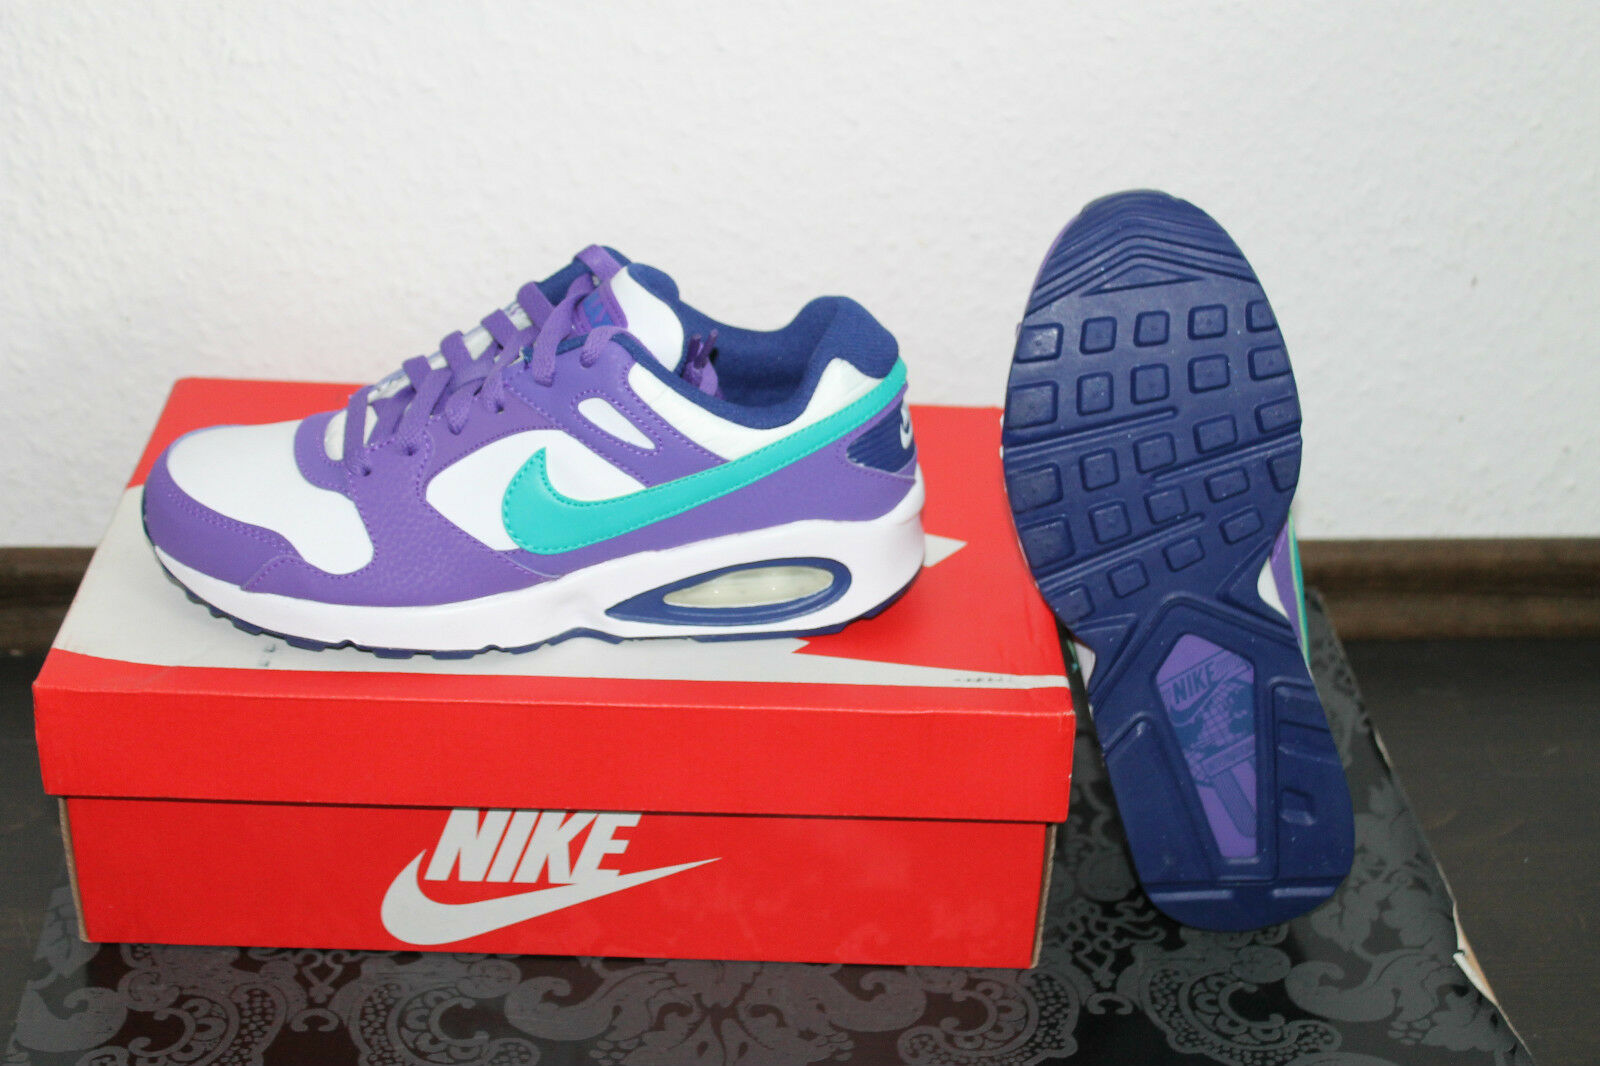 NIKE AIR MAX COLISEUM Chaussures de course blanc violet bleu taille 36,5 ou 38,5